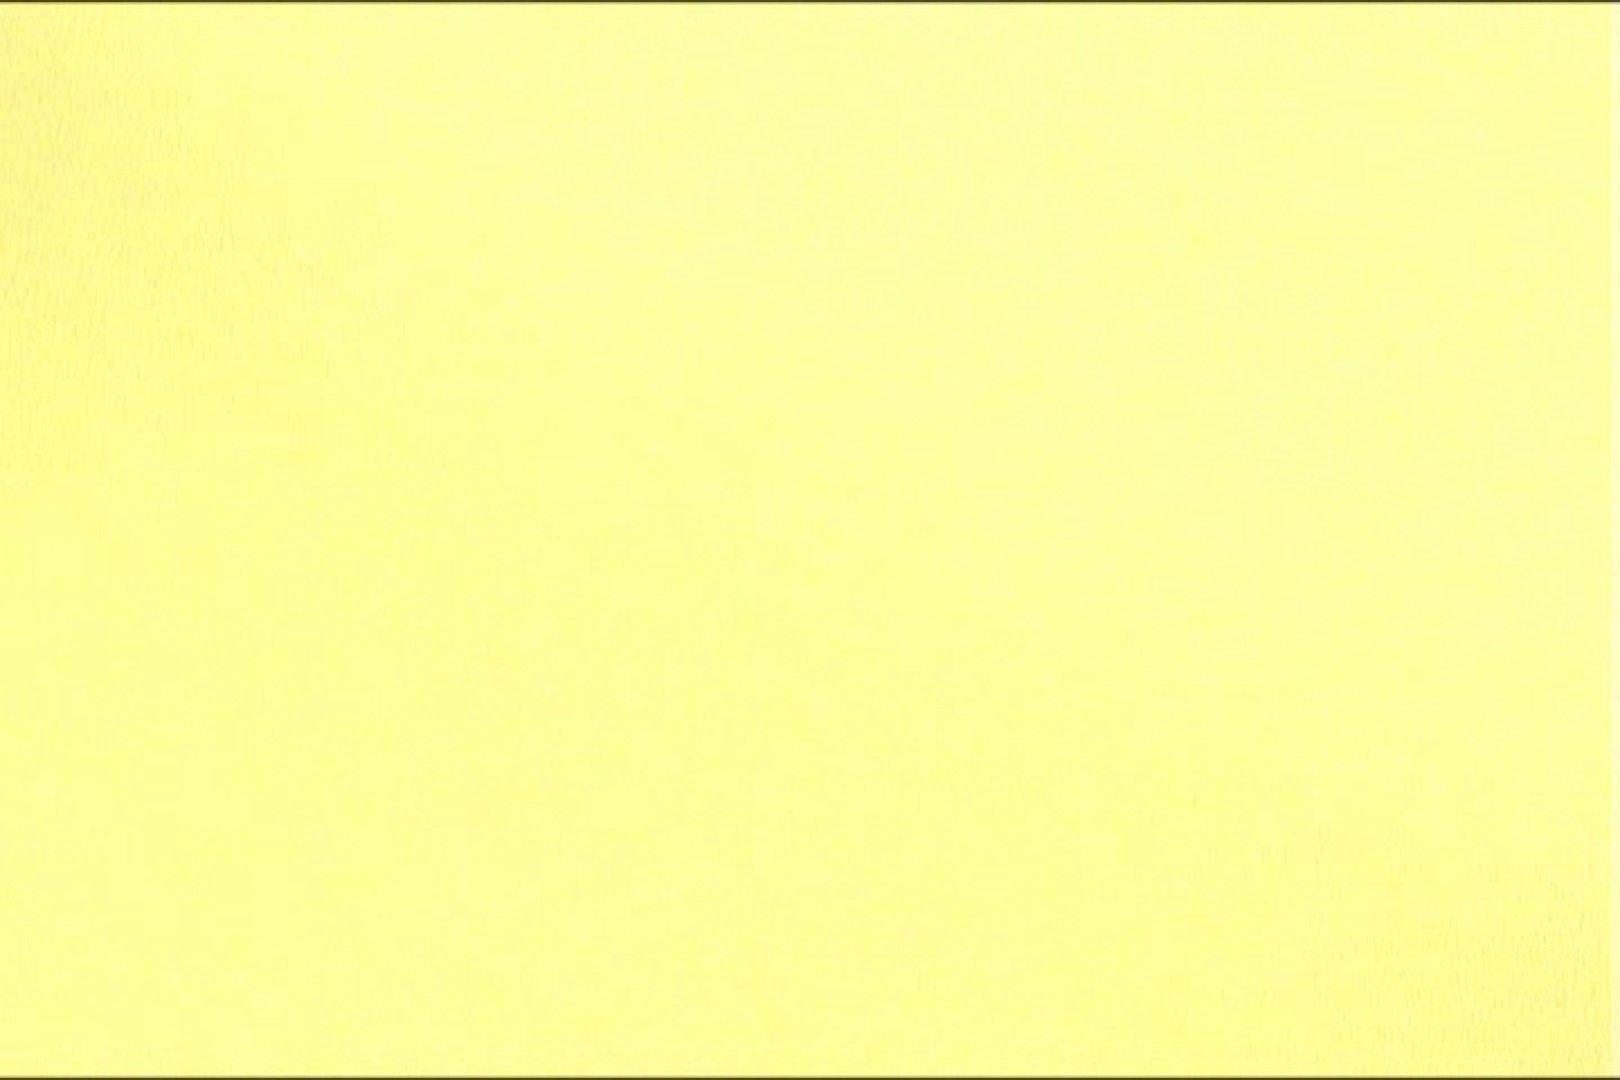 マンコ丸見え女子洗面所Vol.4 潜入  72枚 11